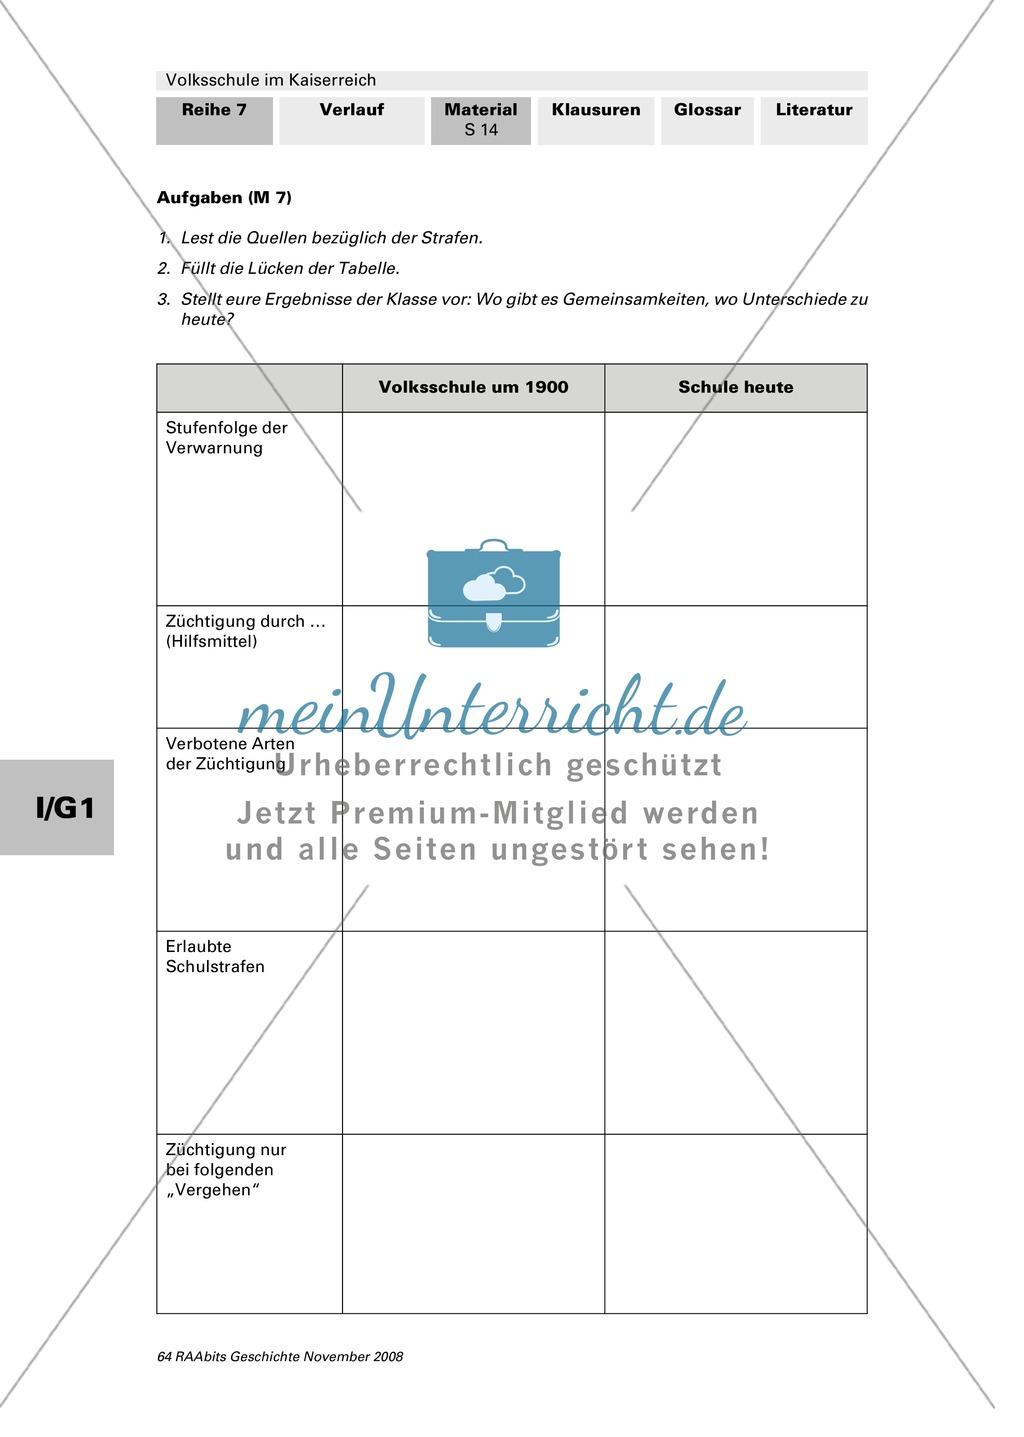 Volksschule im Kaiserreich: Gruppenarbeit zu Aspekten der Volksschule wie Disziplin, Regeln, Strafen, Stundenplan, Lehrerverhalten Preview 12